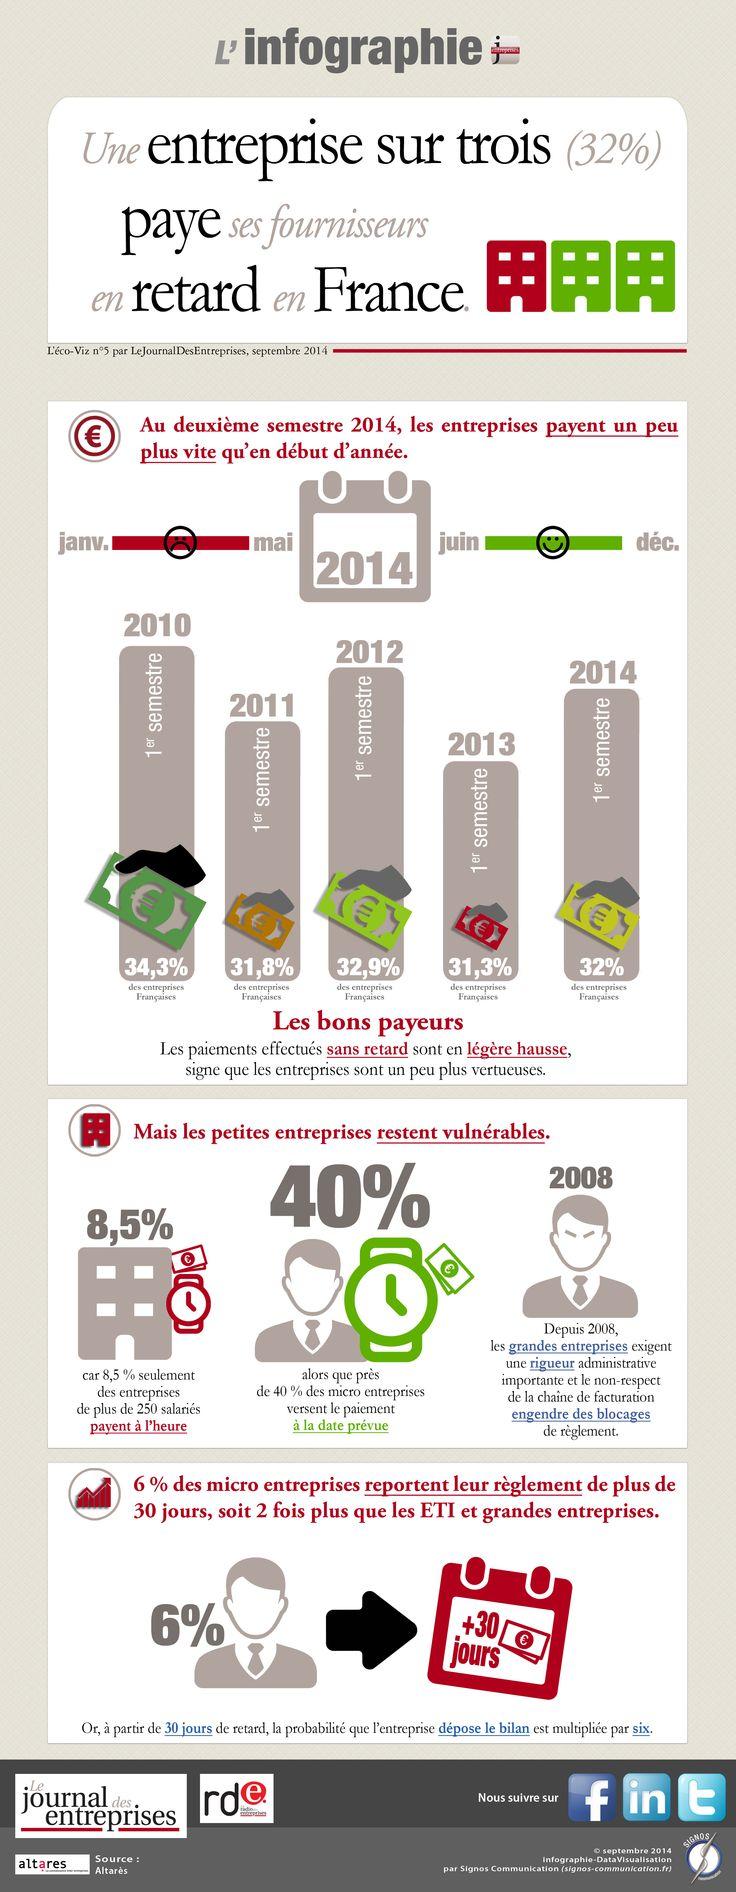 """INFOGRAPHIE (par Signos communication) """"Une entreprise sur trois paie en retard en France.""""  Par : Le Journal des entreprises - National - L'éco en chiffres. Lien : http://www.lejournaldesentreprises.com/national/l-eco-en-chiffres-une-entreprise-sur-trois-paie-en-retard-en-france-17-09-2014-232735.php"""